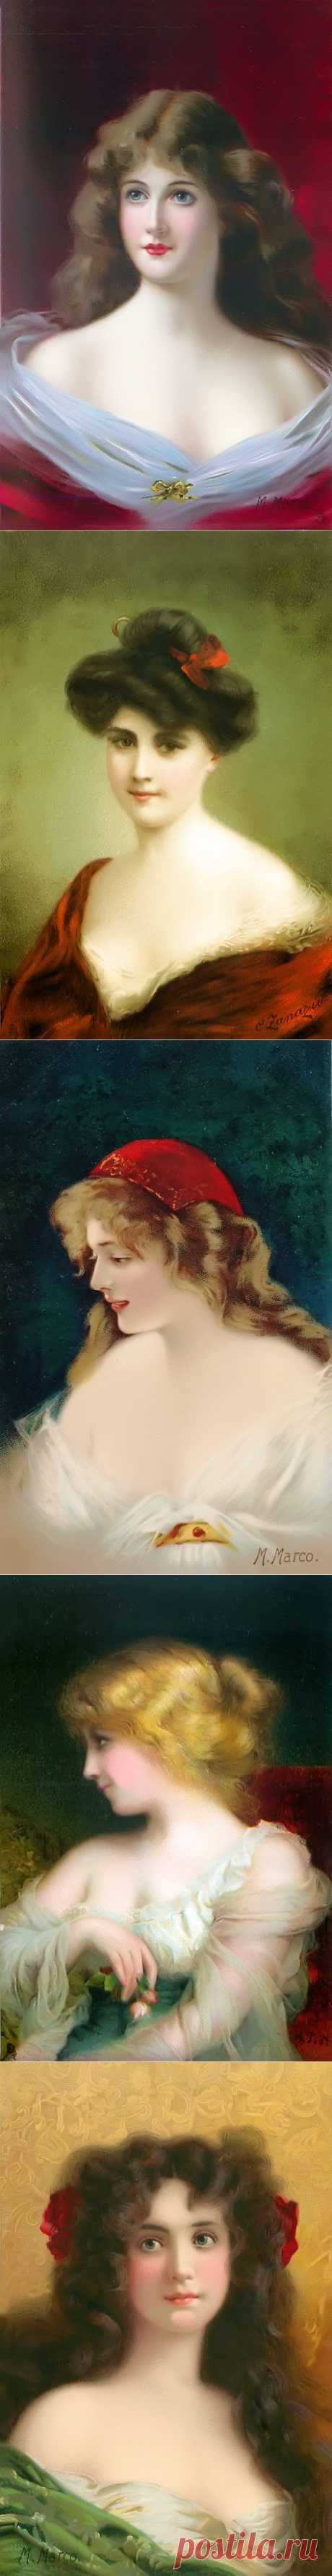 Блоги@Mail.Ru: Очаровательные женские образы...